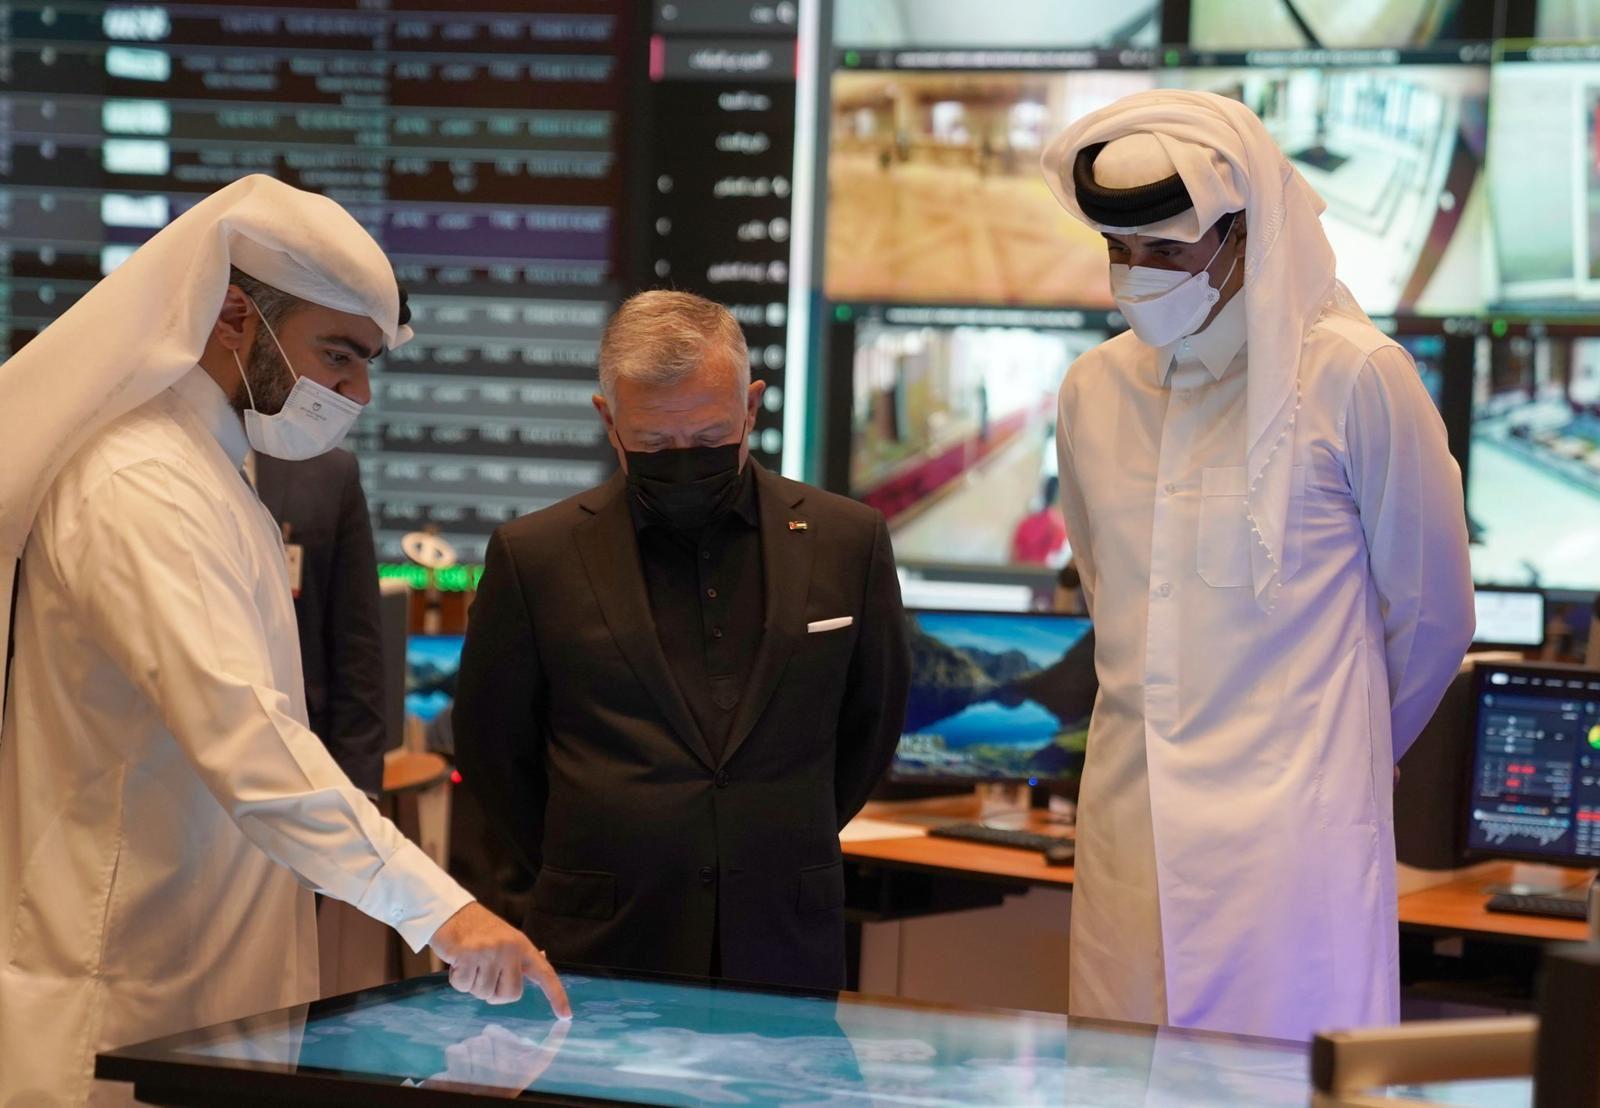 صاحب السمو الامير تميم بن حمد و جلالة الملك عبدالله بن الحسين يطلعان على الأنظمة الأمنية لكأس العالم قطر 2022